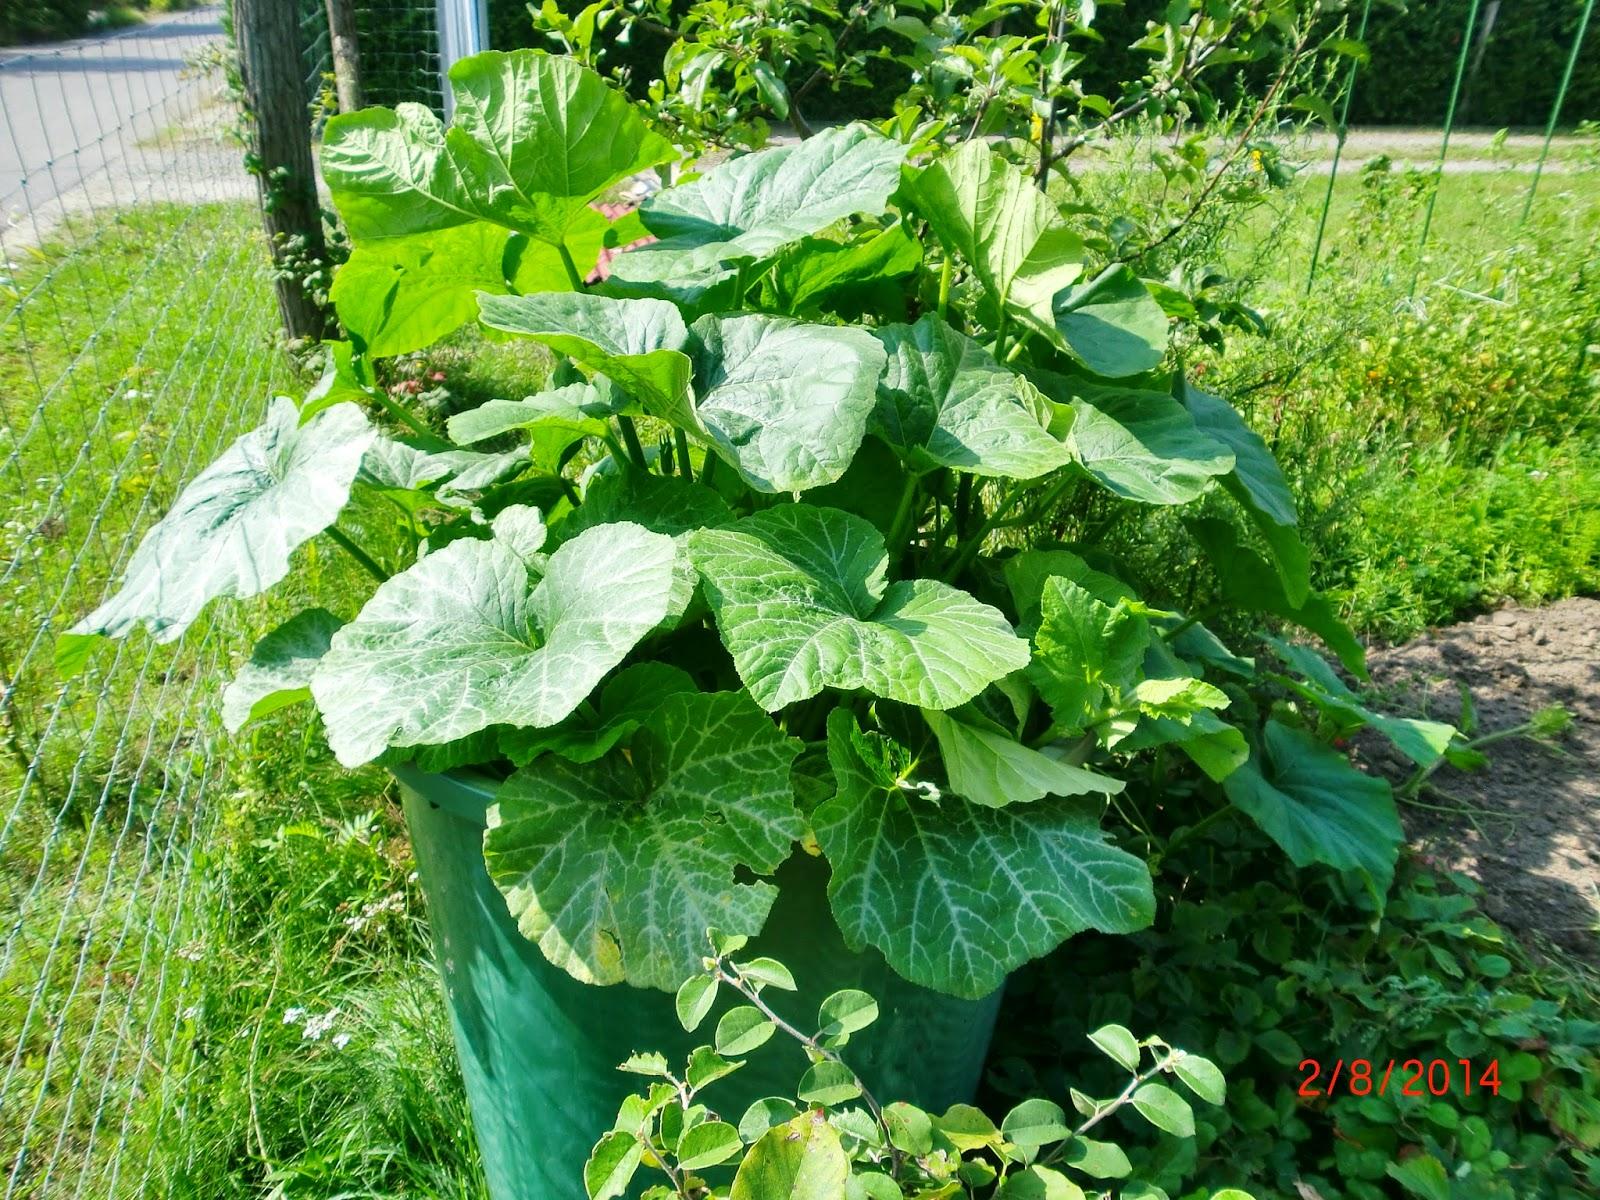 Hochbeet+mit+K%C3%BCrbispflanzen+2014 Inspiration Sichtschutz Balkon Einseitig Durchsichtig Schema